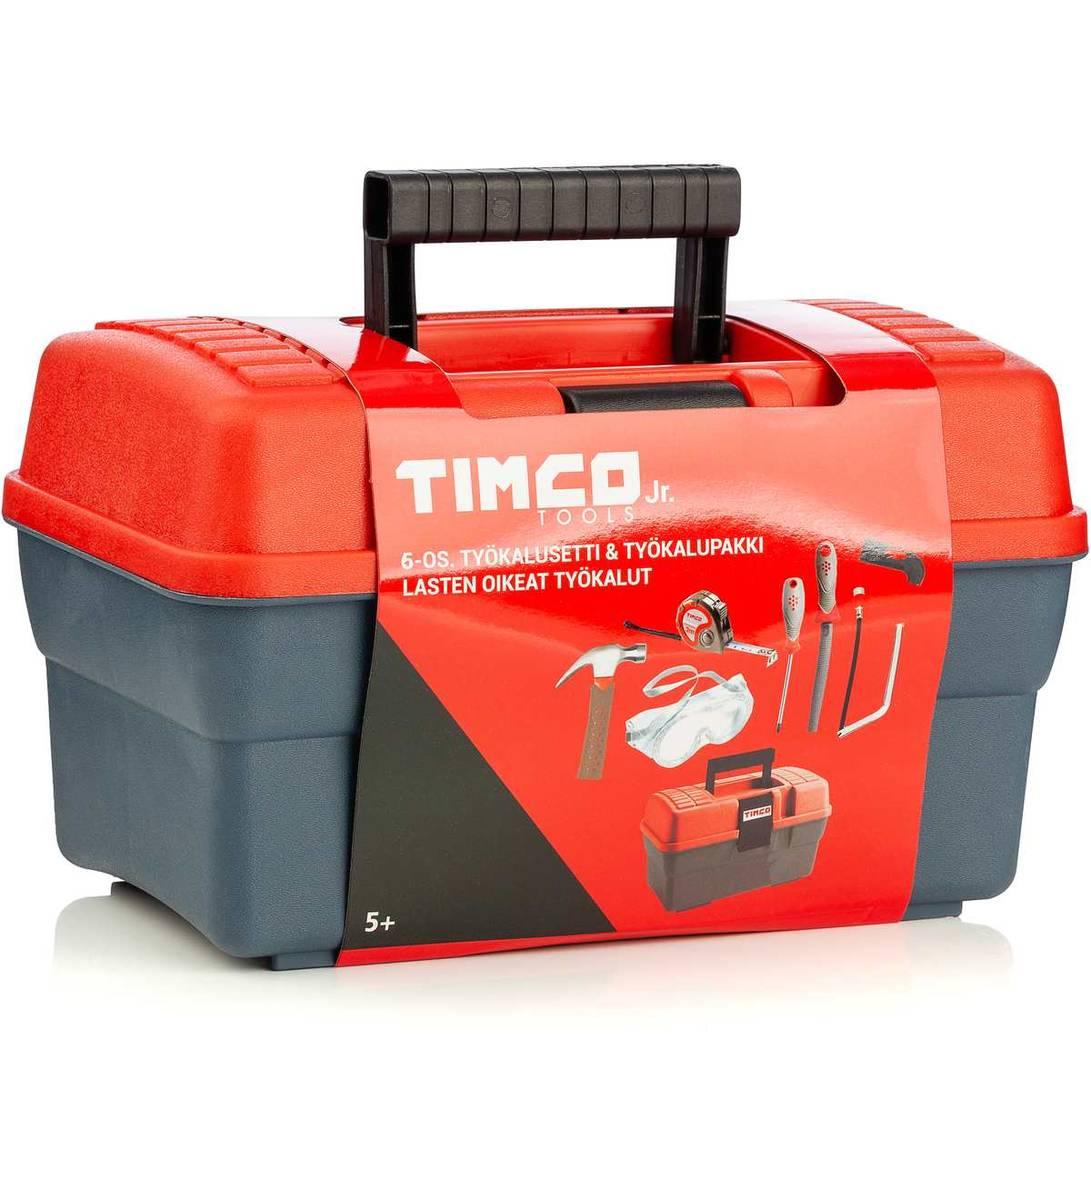 Prima Verktygslåda med verktyg för barn Timco 16 - YepOrder.se webbutik EI-67